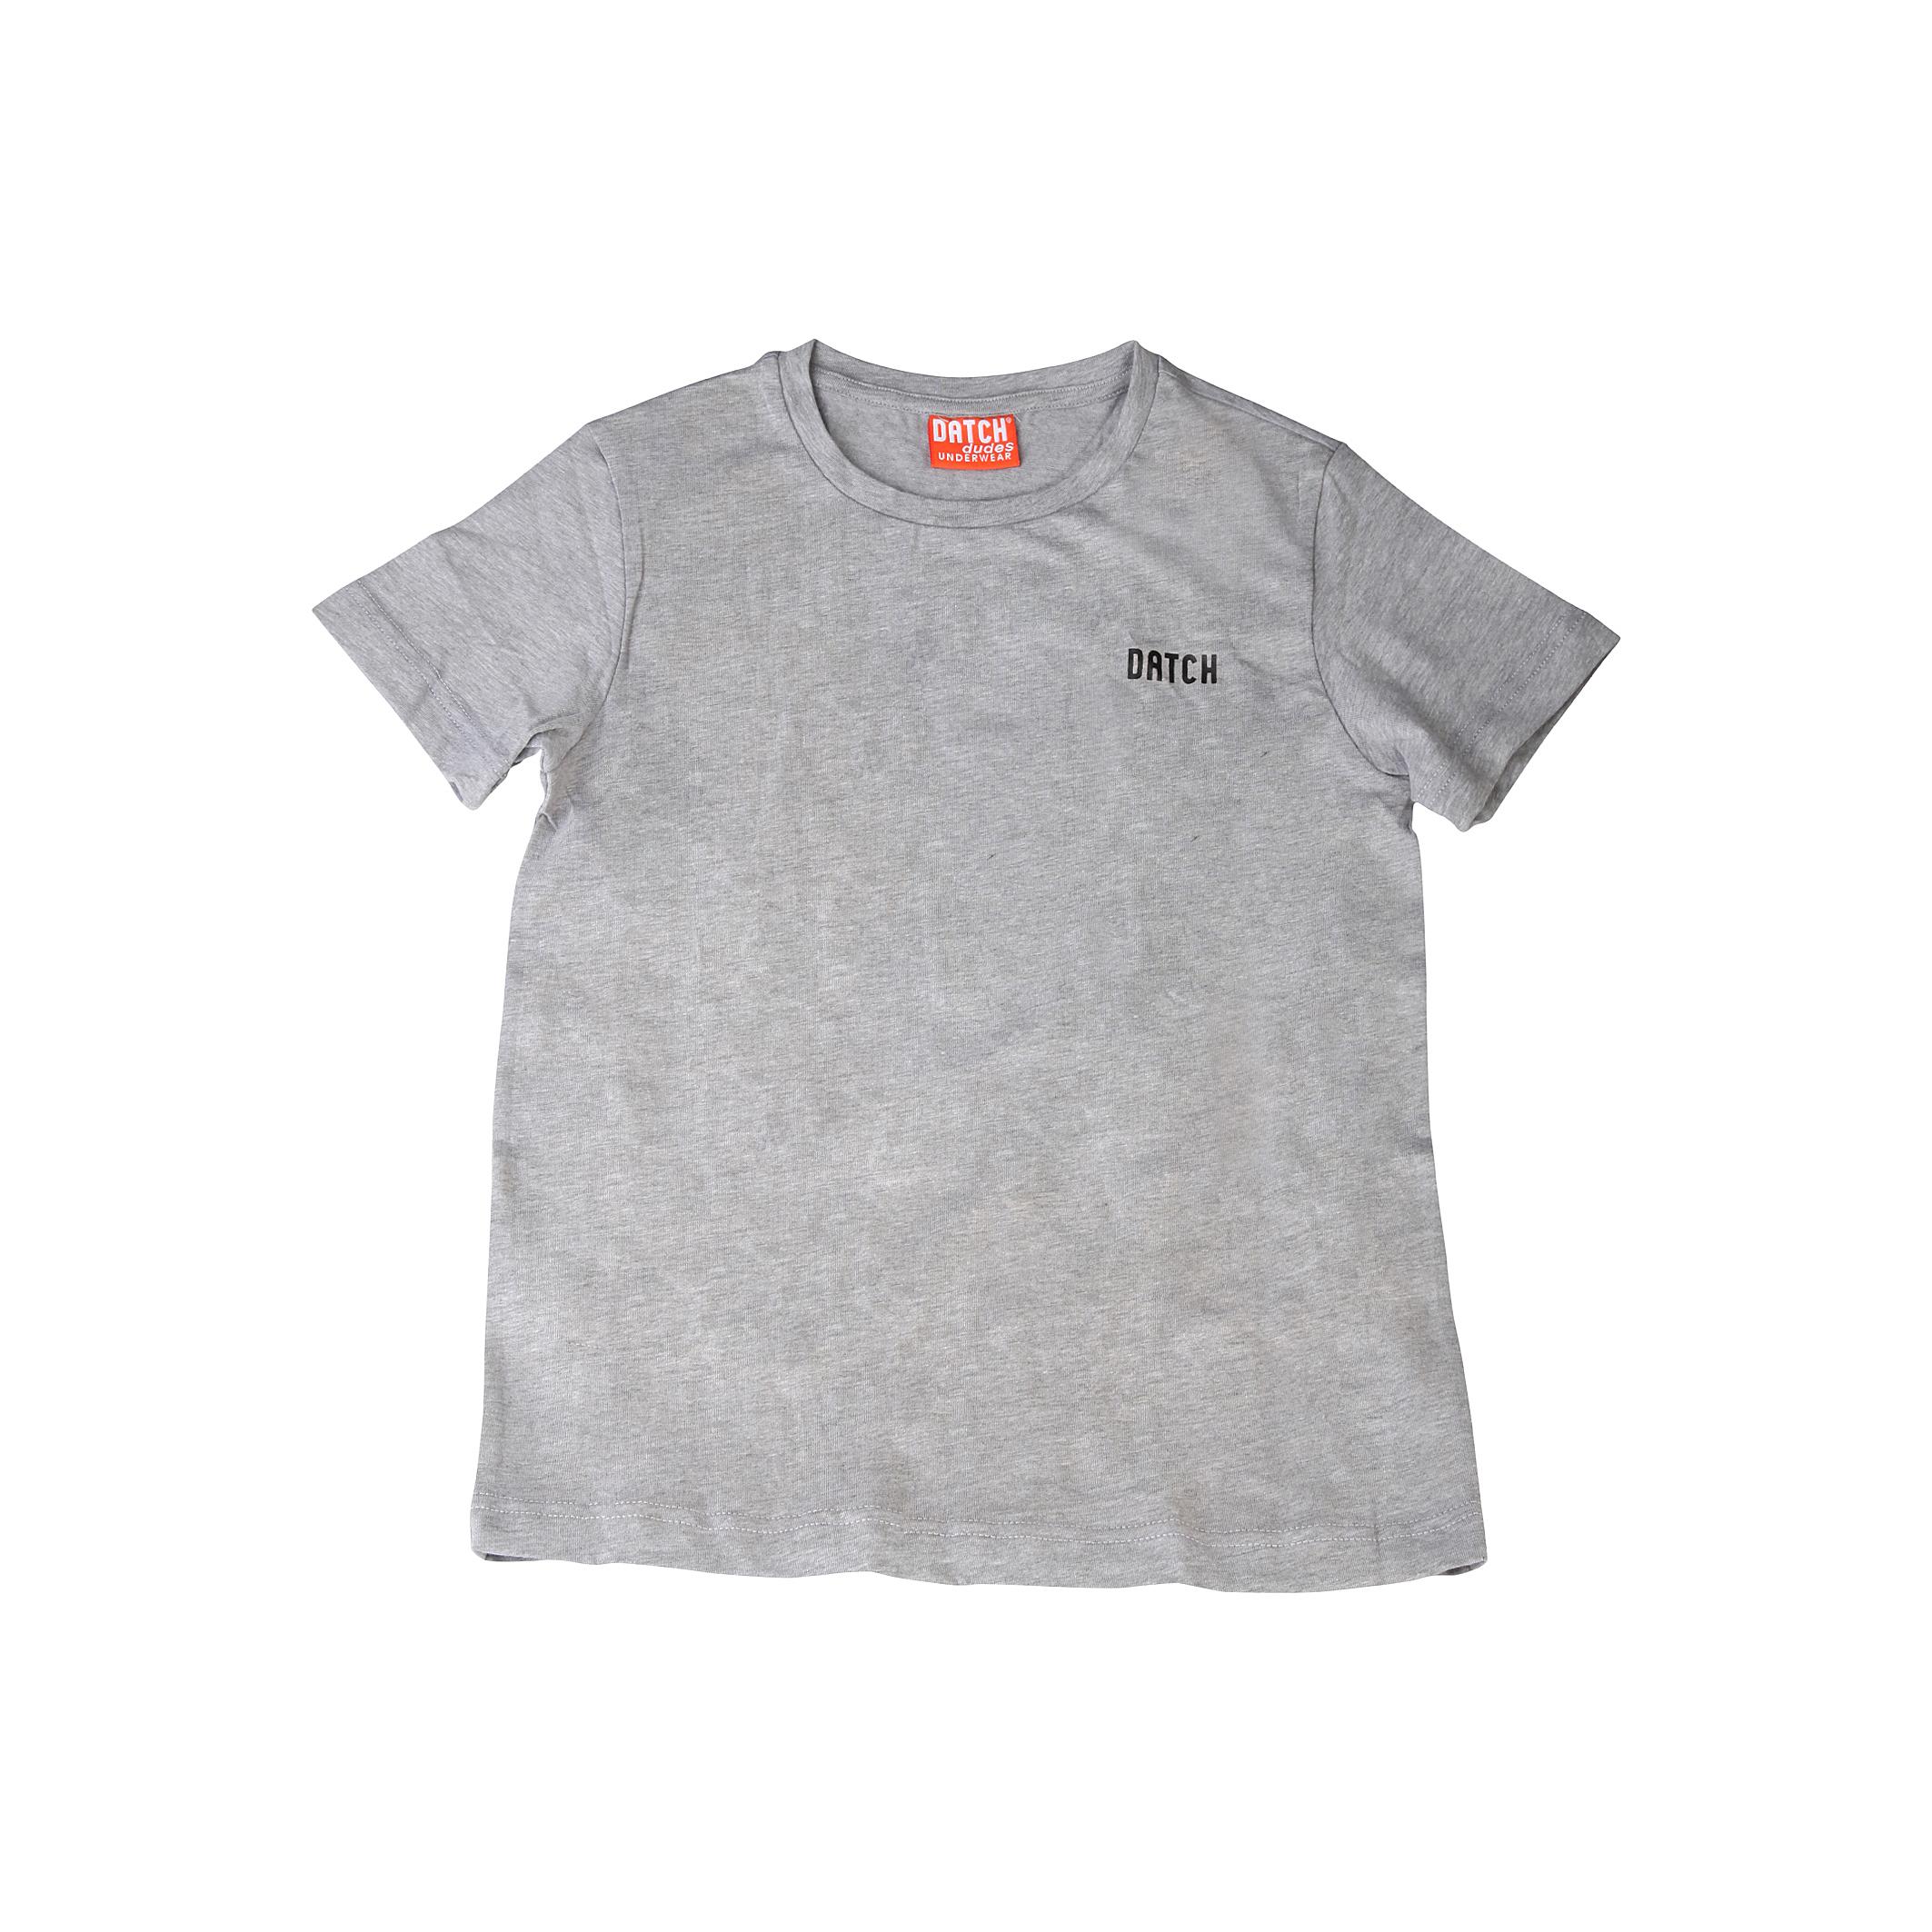 Tricou copii Datch Grey